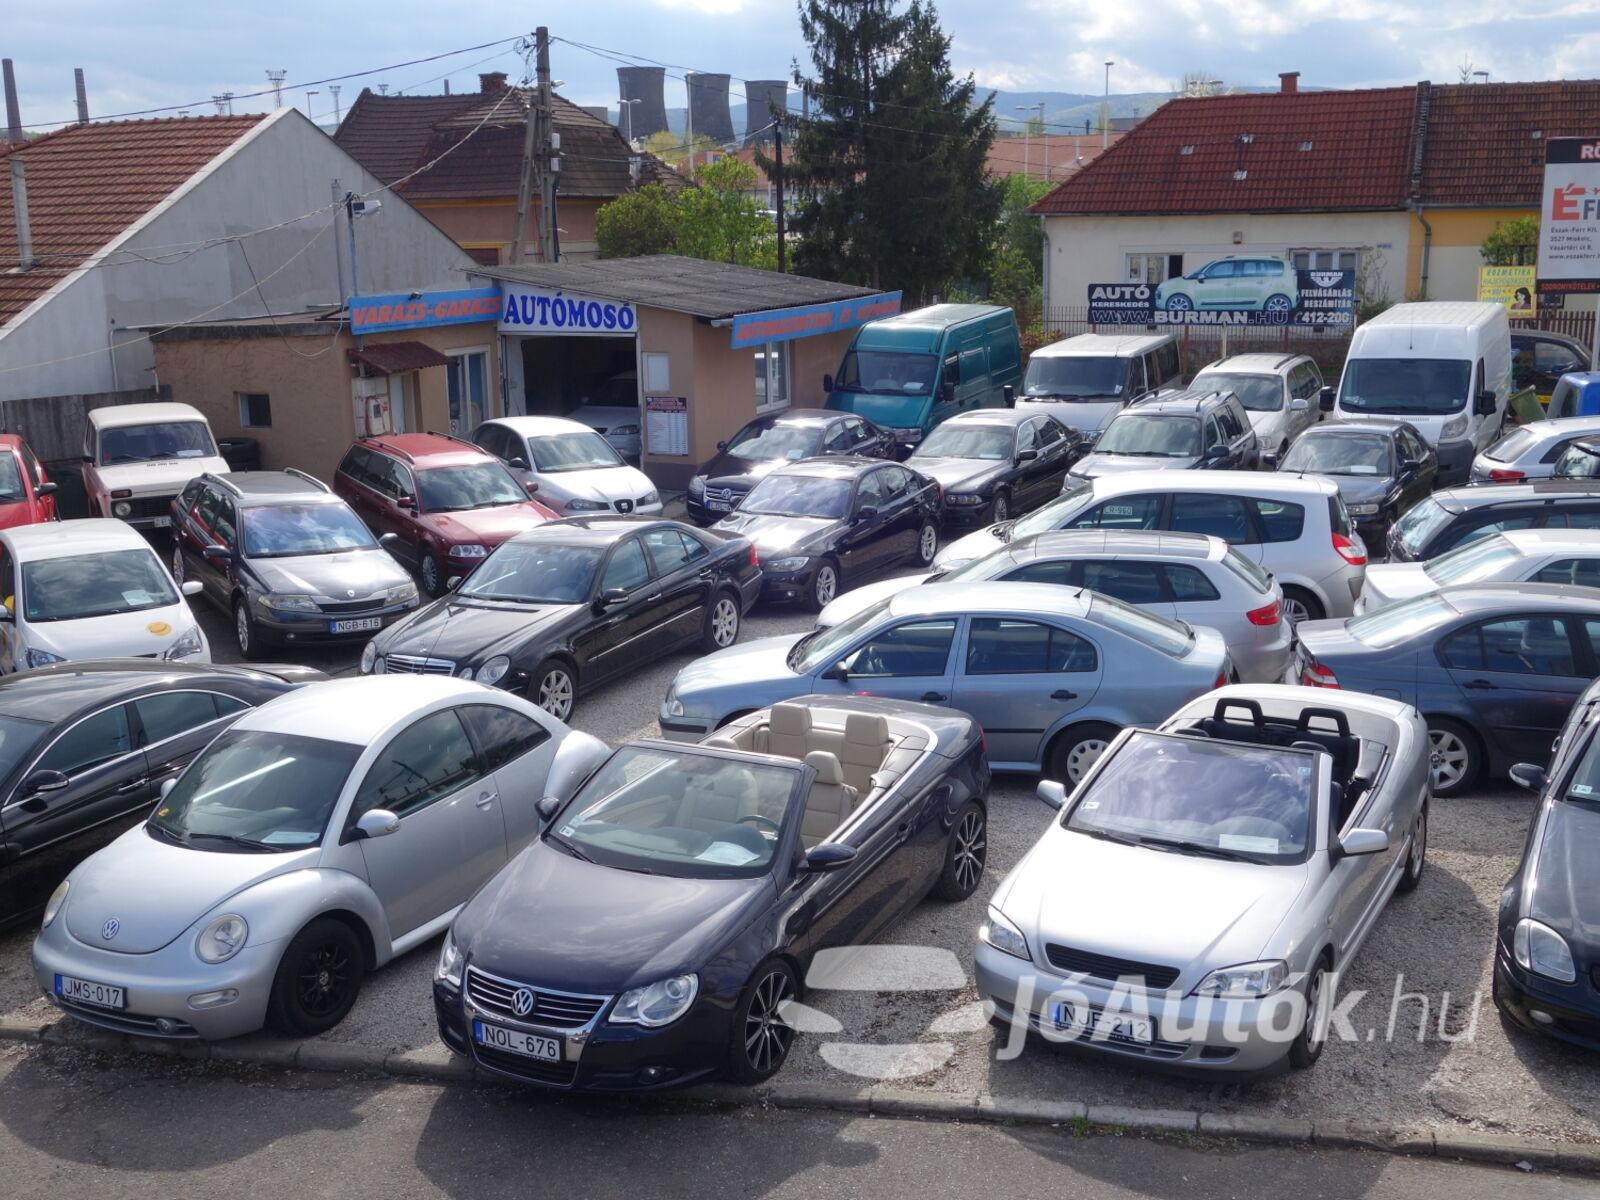 Tárcsázza a kereskedési autókereskedések véleményét)